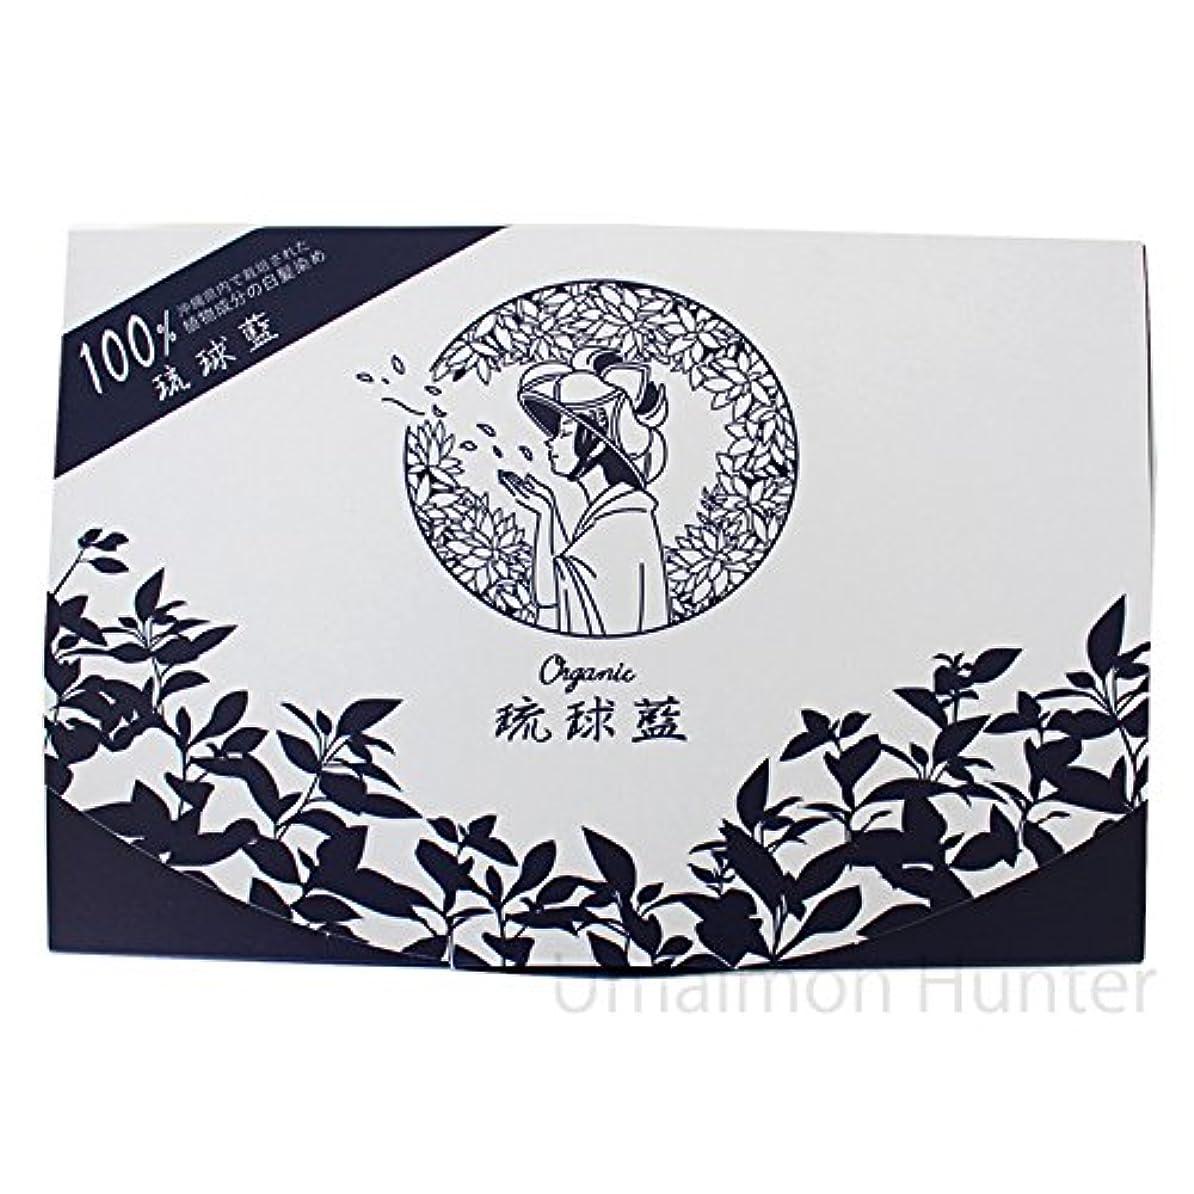 刈るエロチック地元琉球藍 100g 箱入り×1箱 箱無×2P 特許取得済 琉球藍を天然染毛剤に